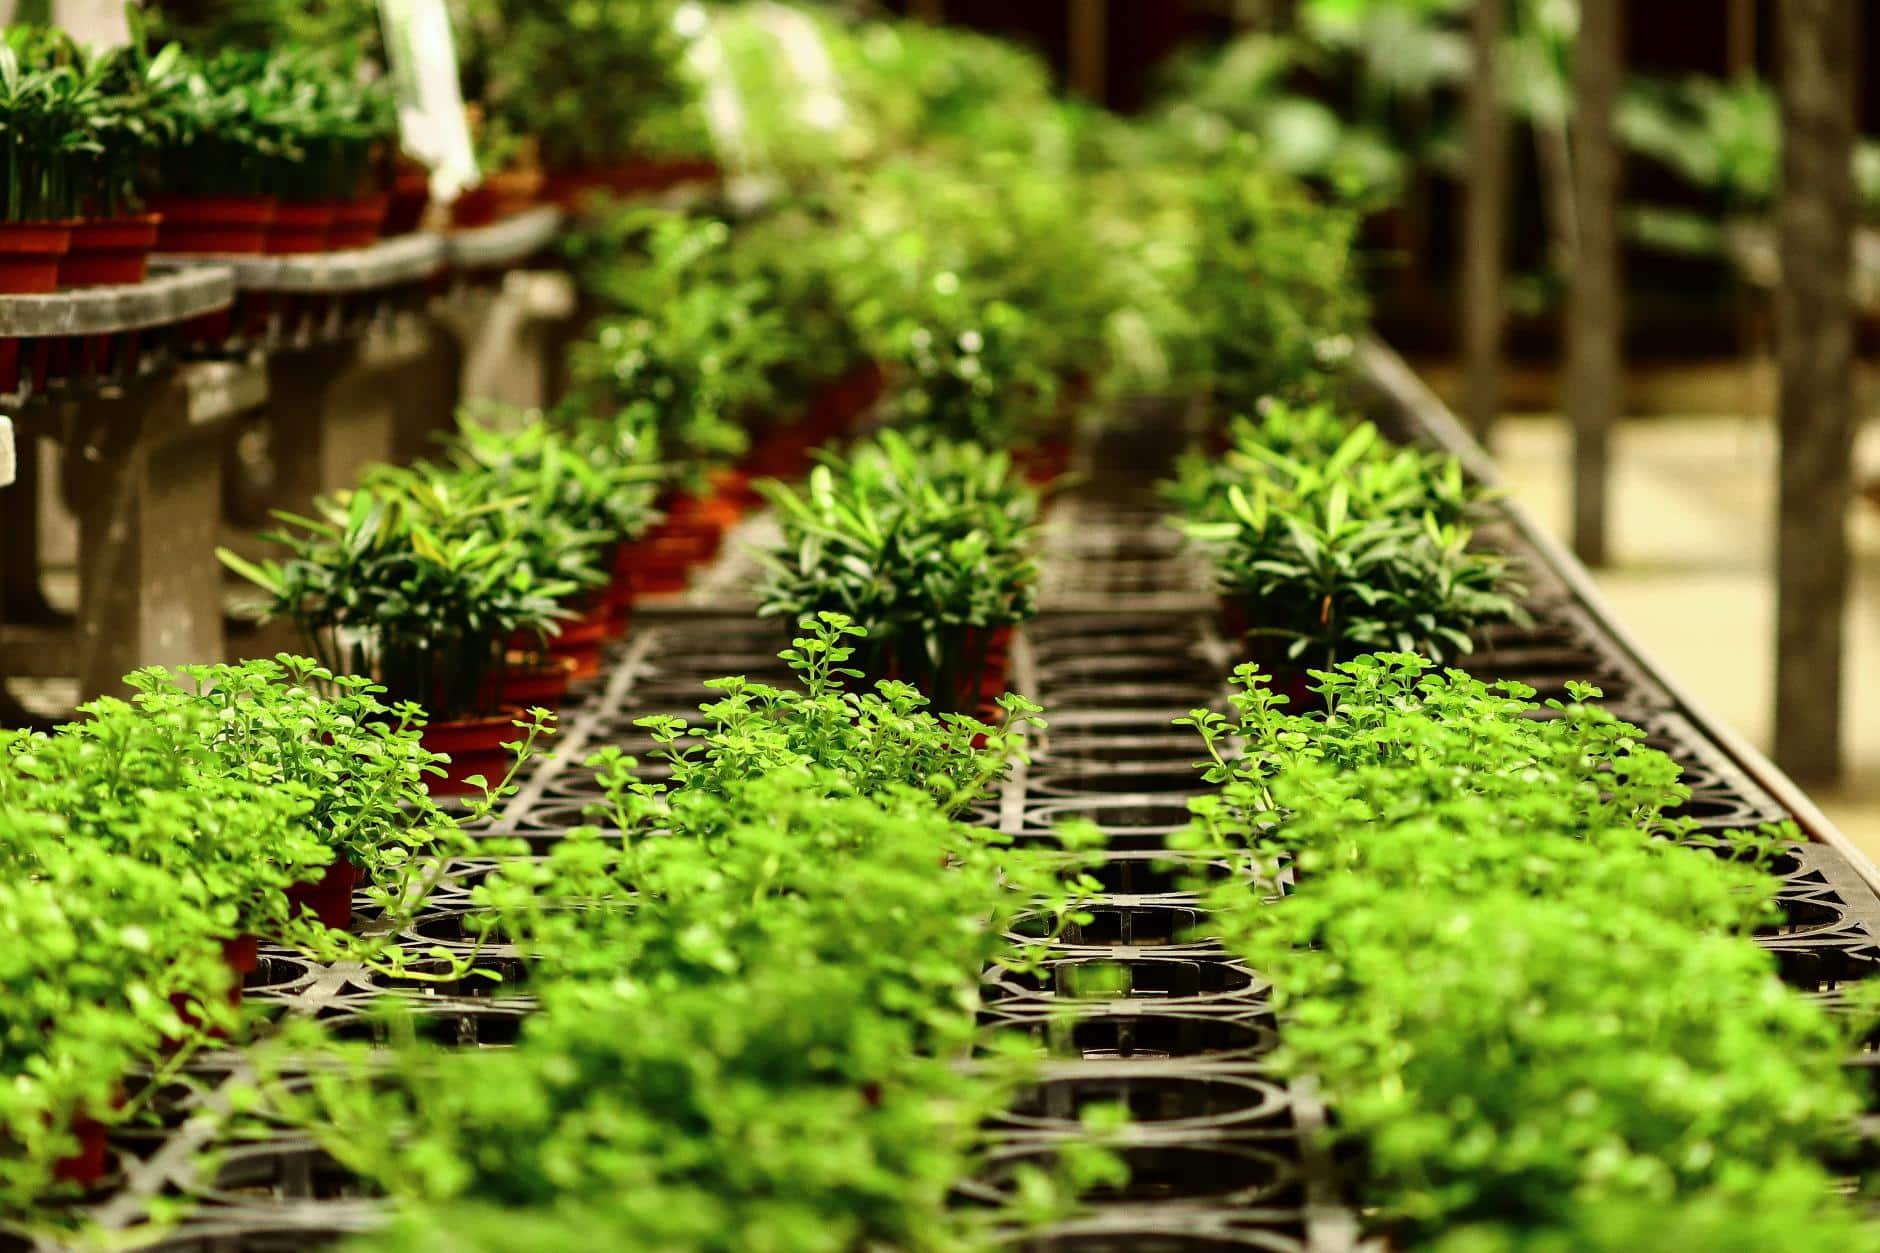 Hoy comienza curso virtual y gratuito de Agroecología para todo público, animate!